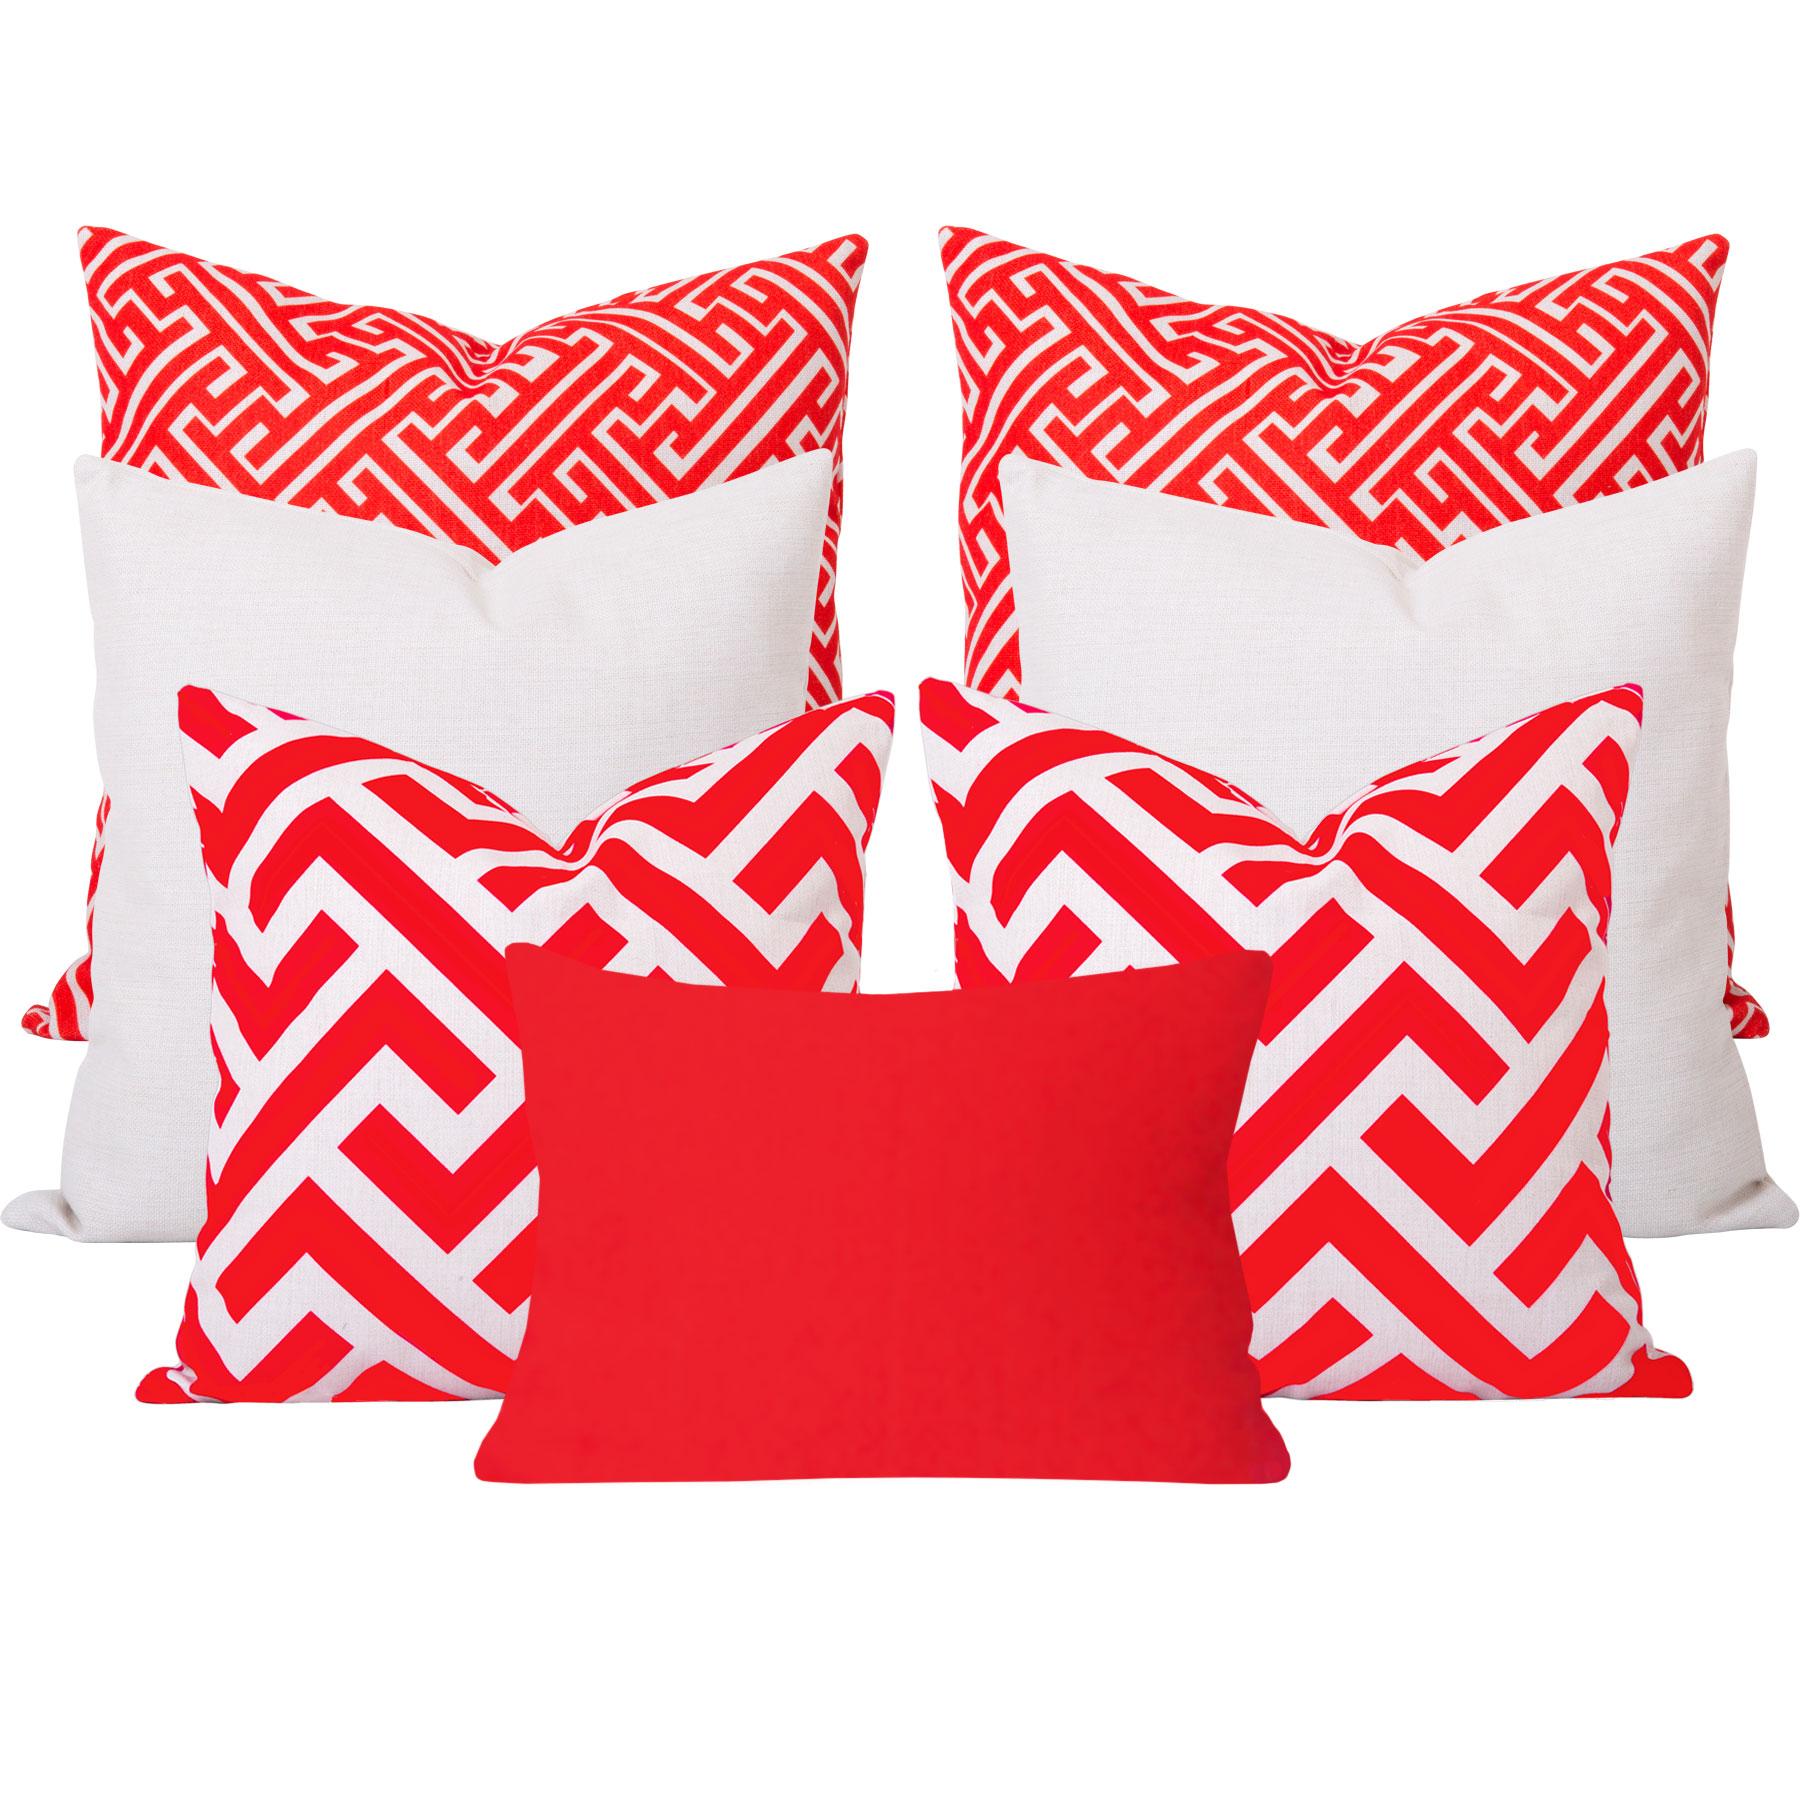 Zedd-Maze-Orange-7-Cushion-Set